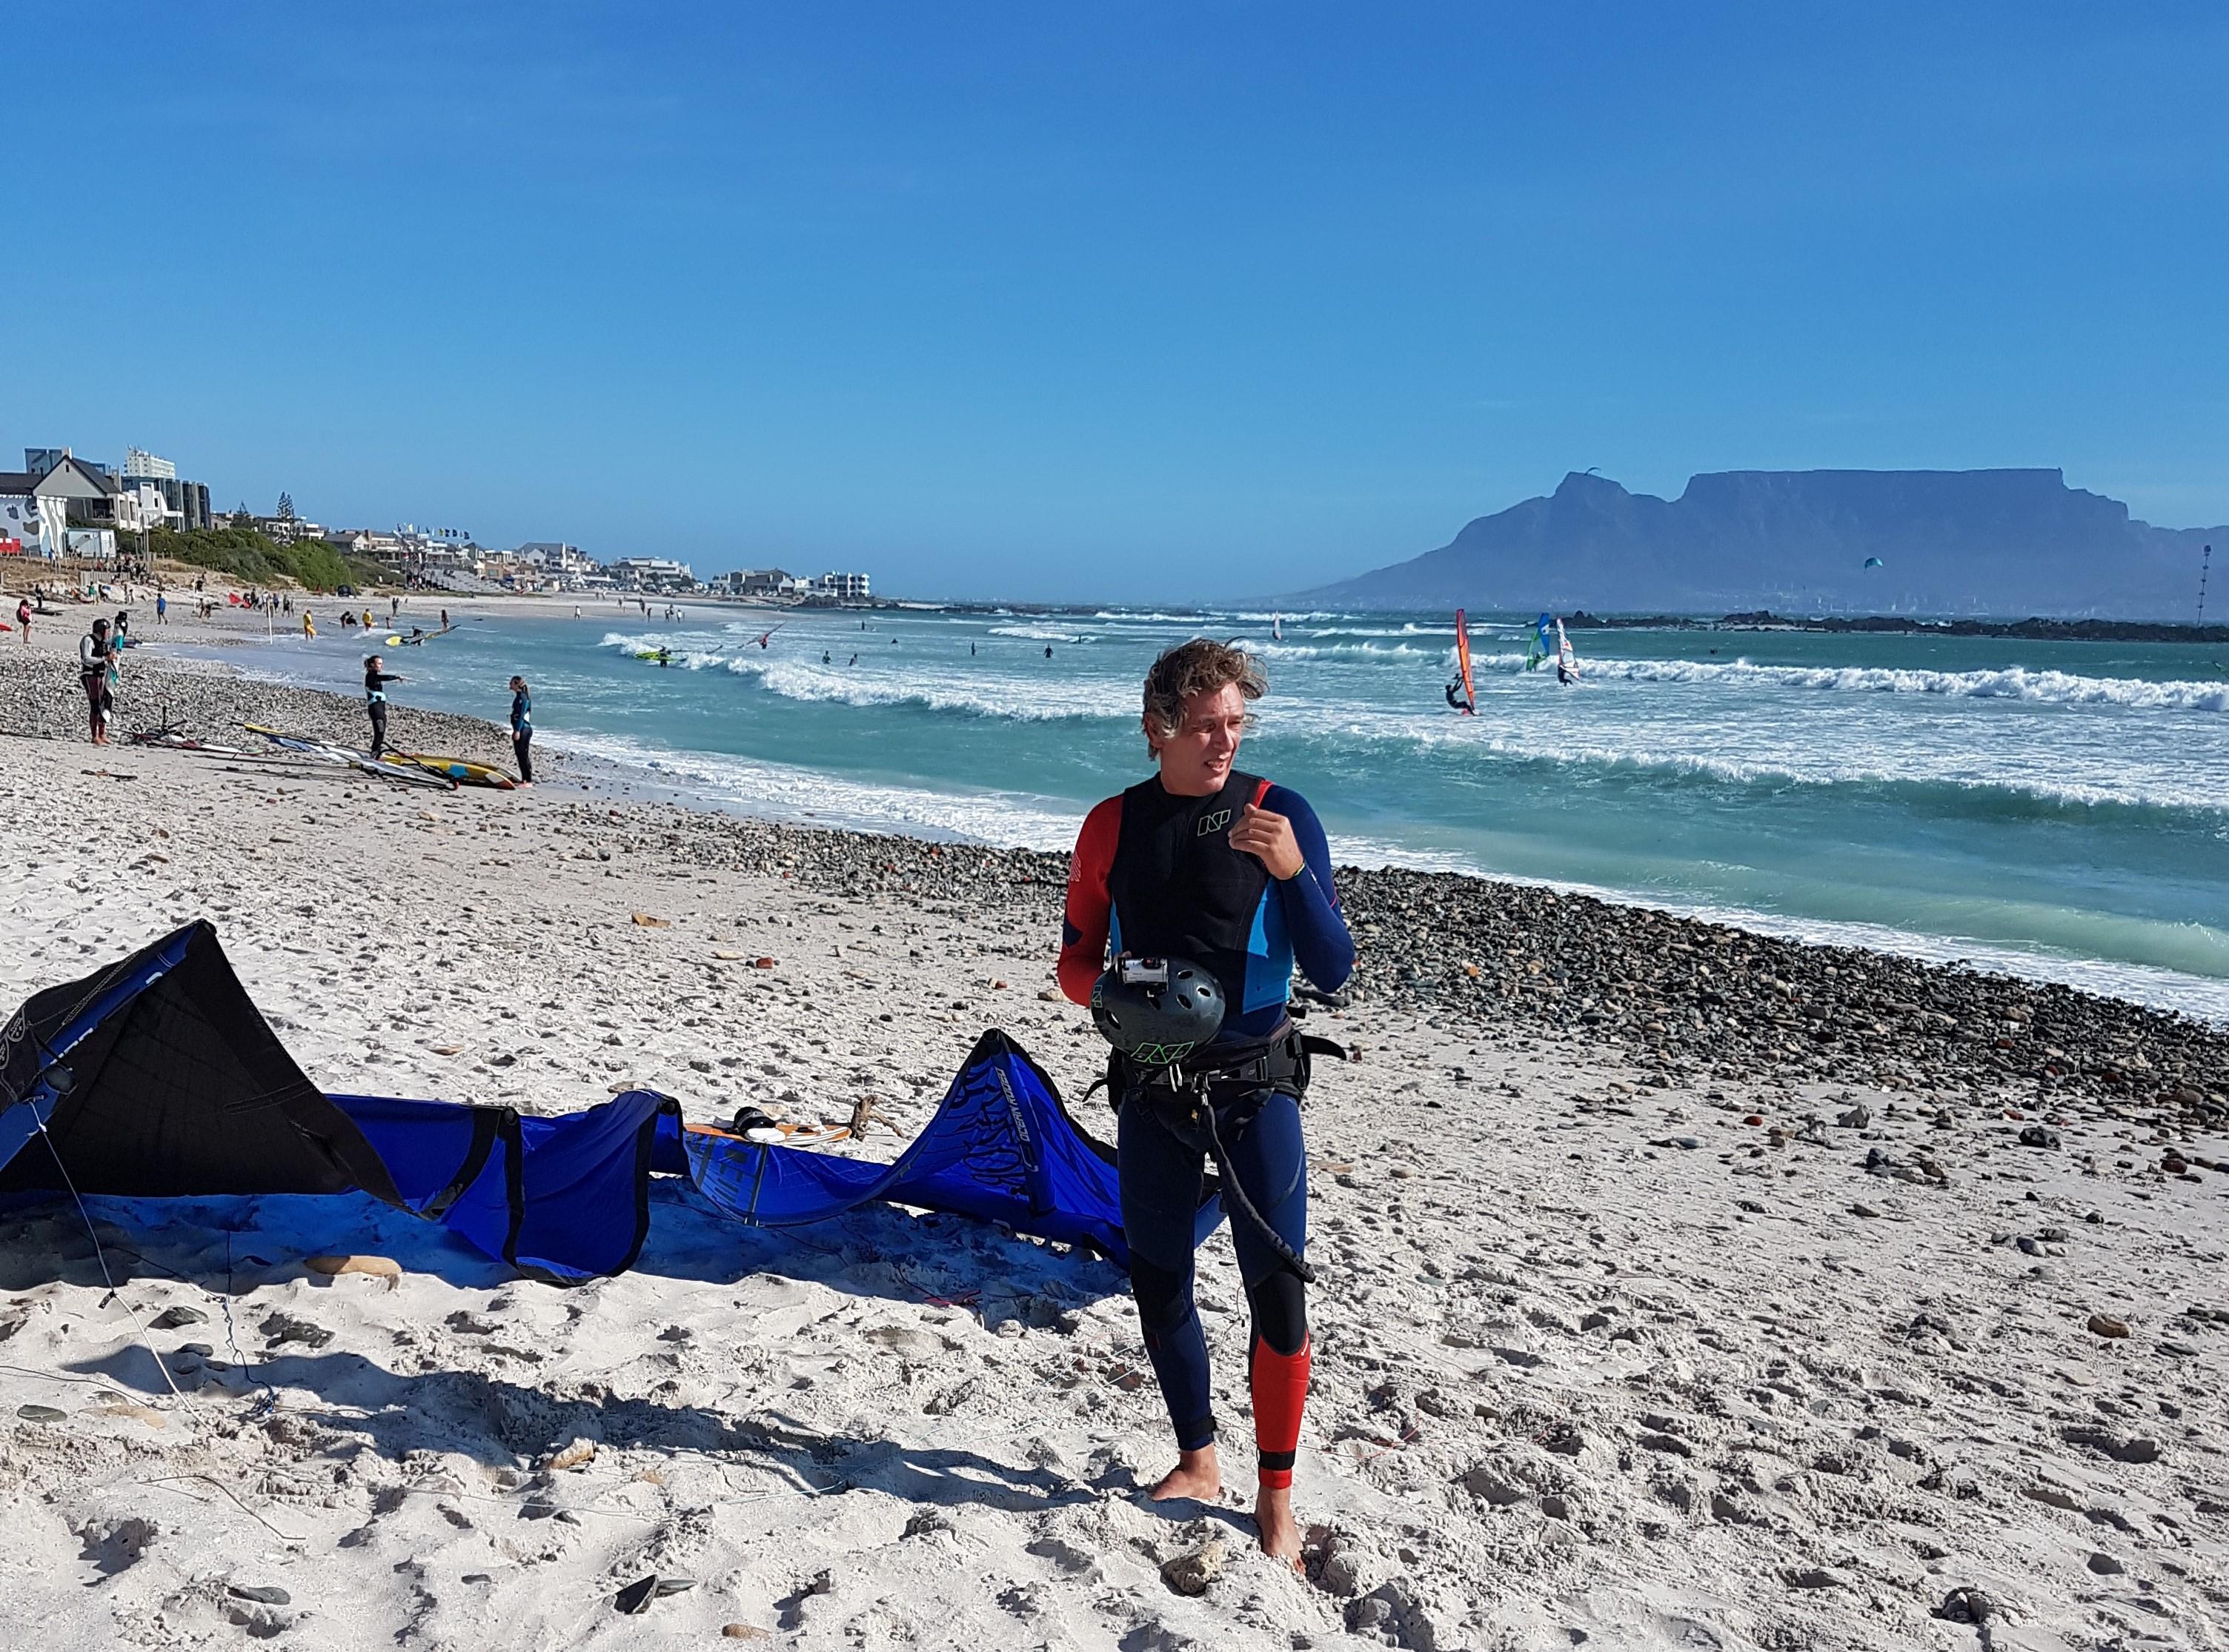 Zandvoortse kitesurfer (60) heeft een halve long: 'Elke dag die ik nu extra leef, kan ik erg waarderen' [video]